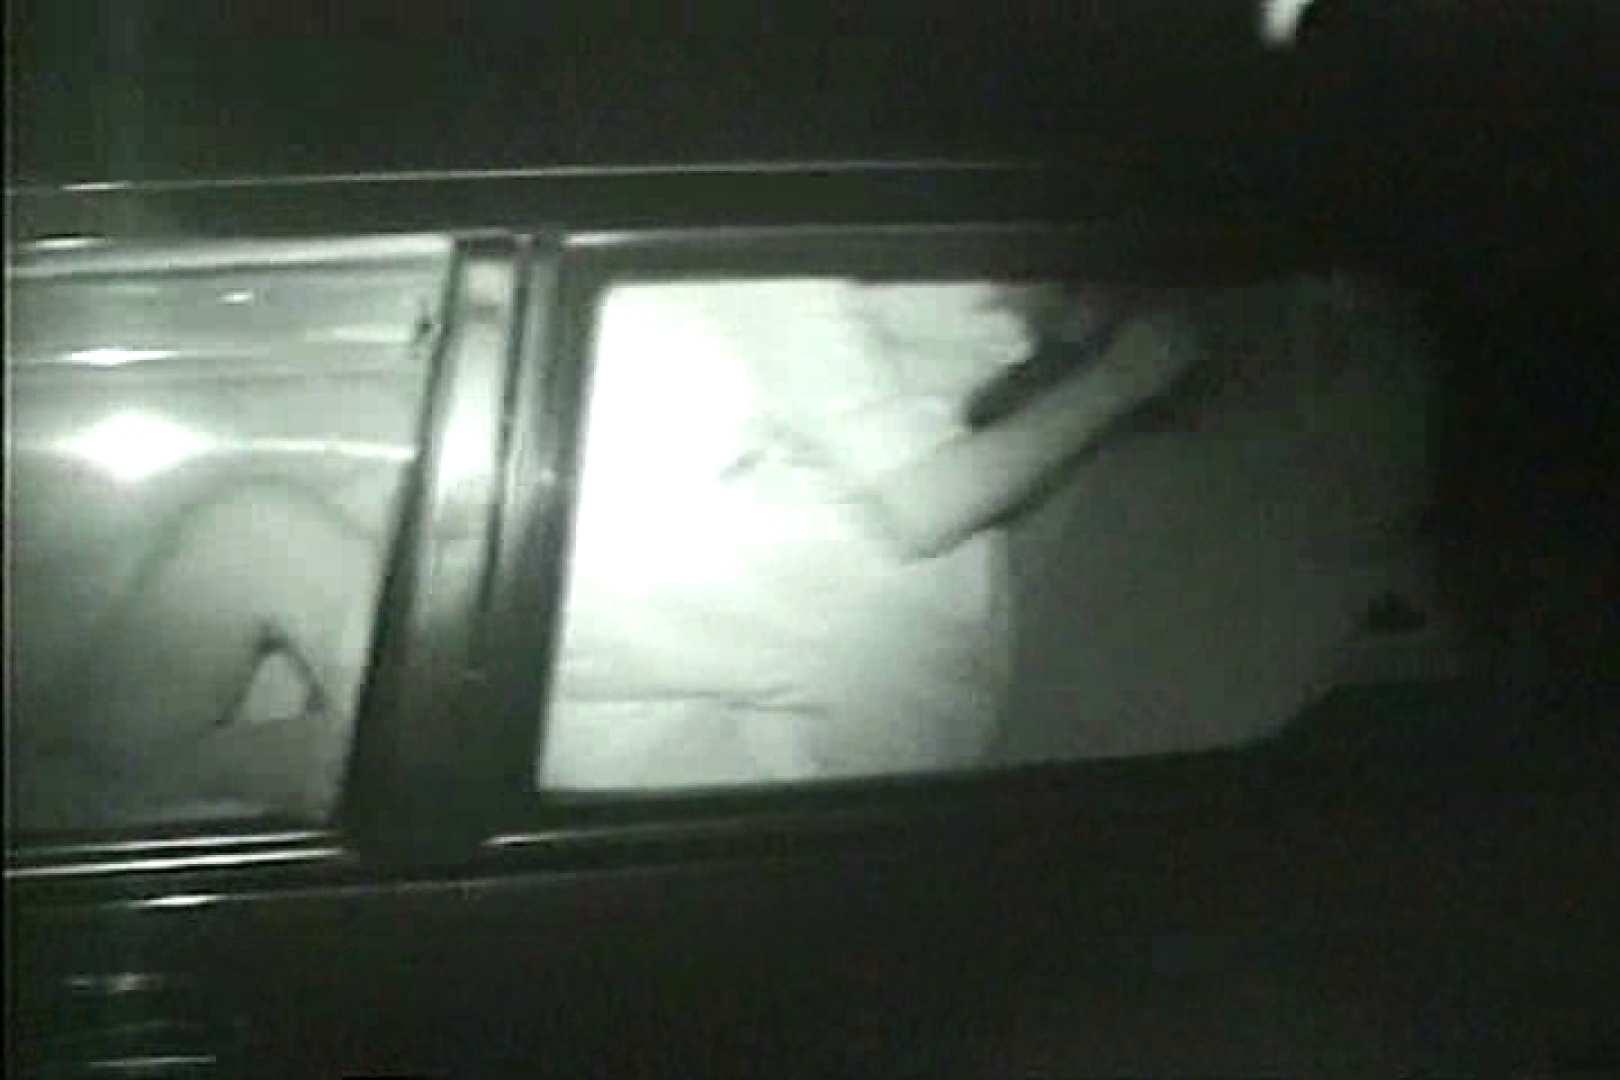 車の中はラブホテル 無修正版  Vol.10 ラブホテル隠し撮り おめこ無修正画像 87pic 70